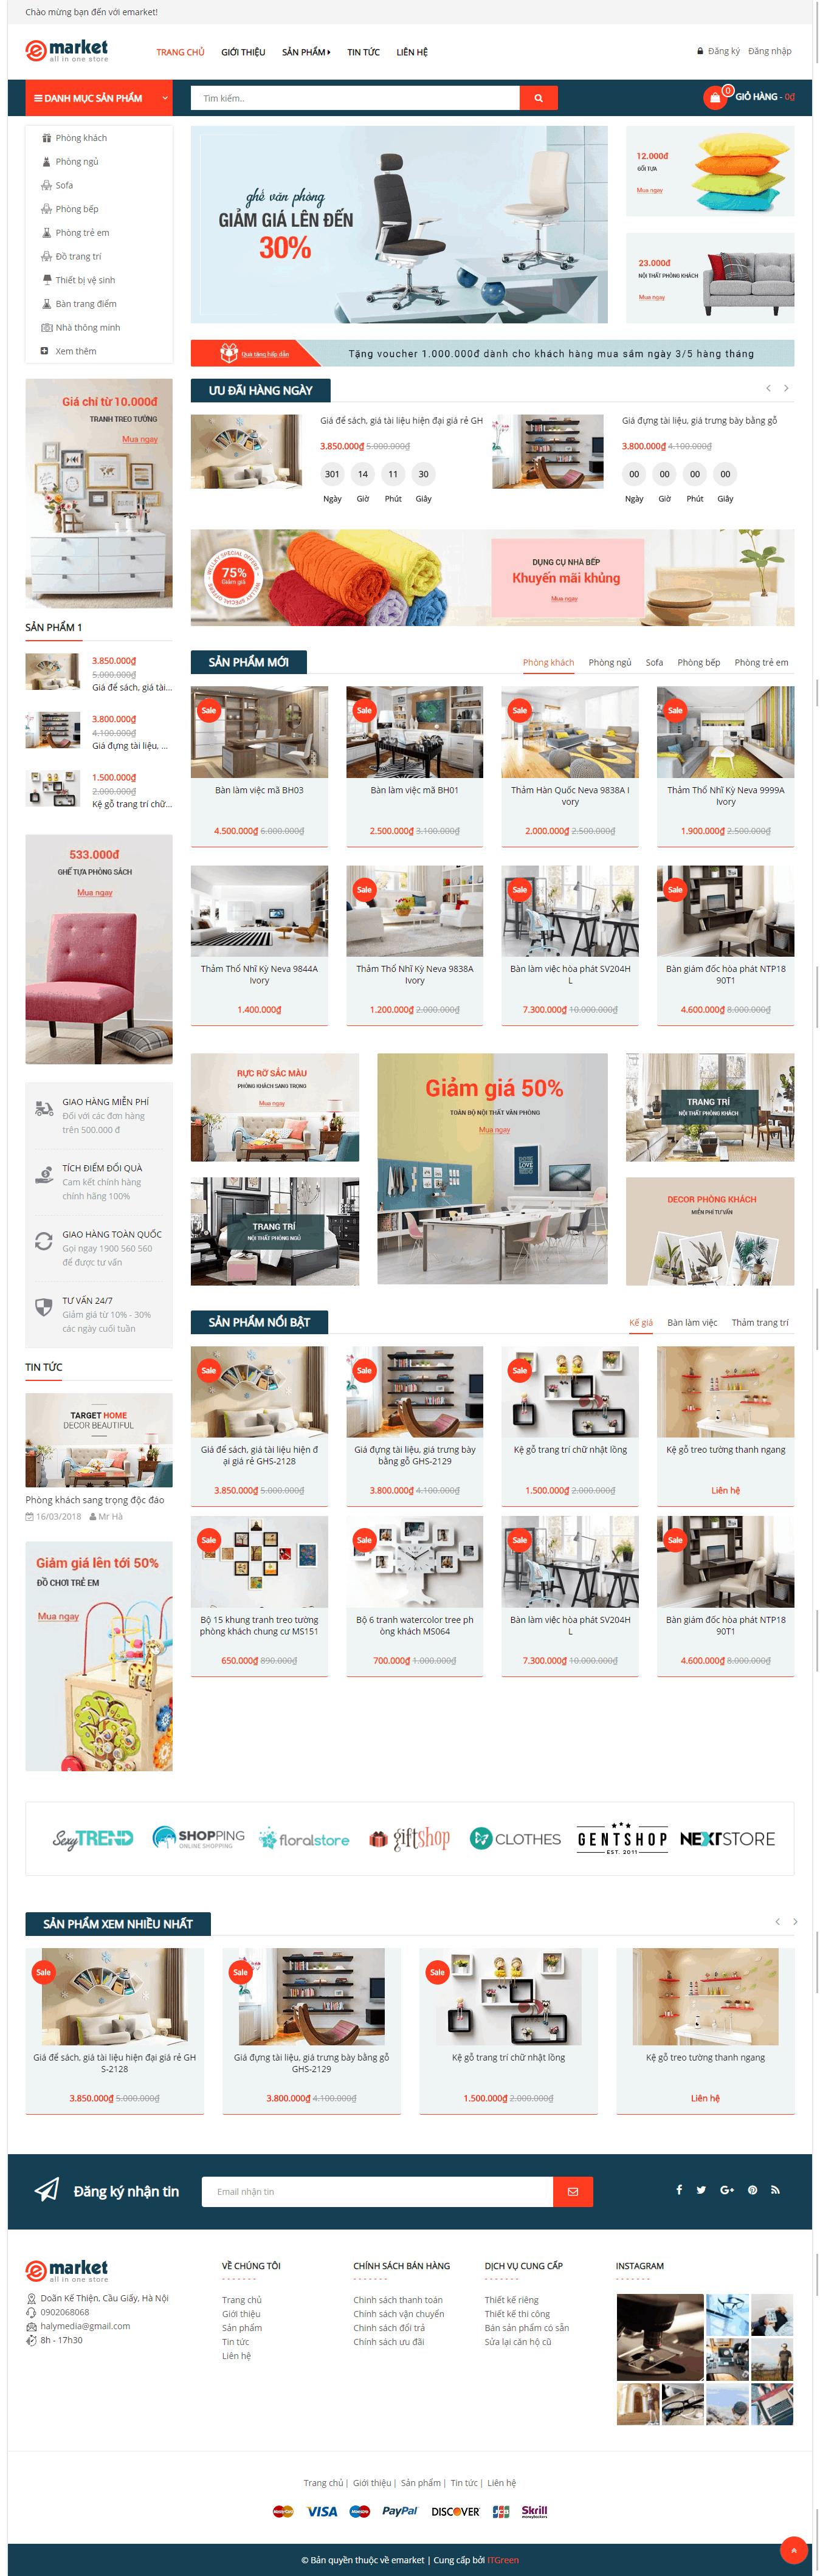 Thiết kế website Thiết kế website kiến trúc, nội thất, xây dựng Emarket